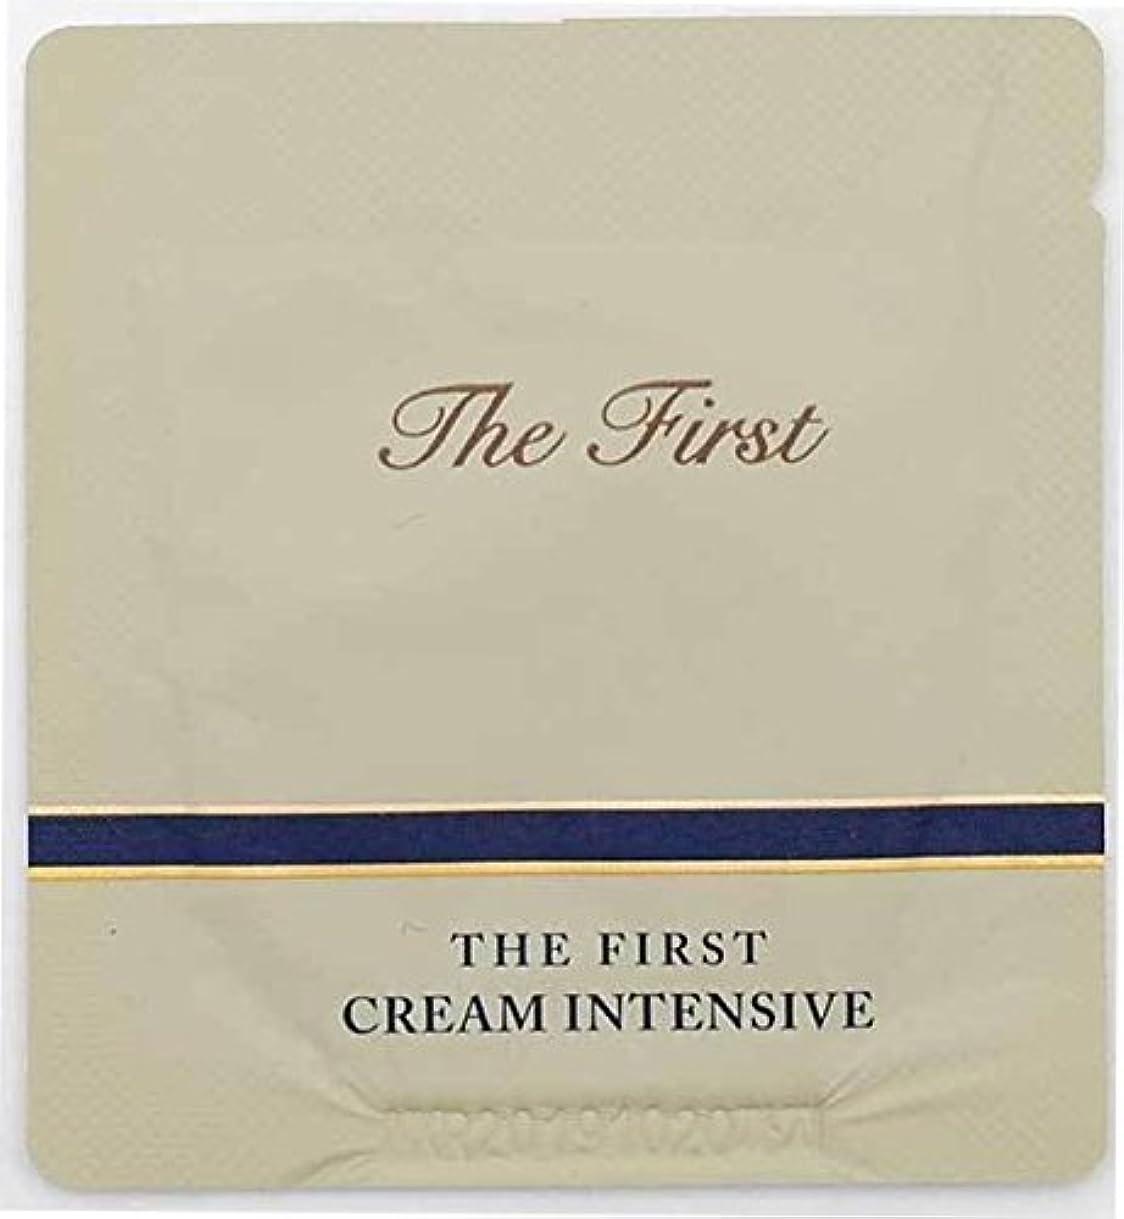 スリム助手バン[サンプル] OHUI The First Cream intensive 1ml × 30ea/オフィ ザ ファースト クリーム インテンシブ 1ml × 30個